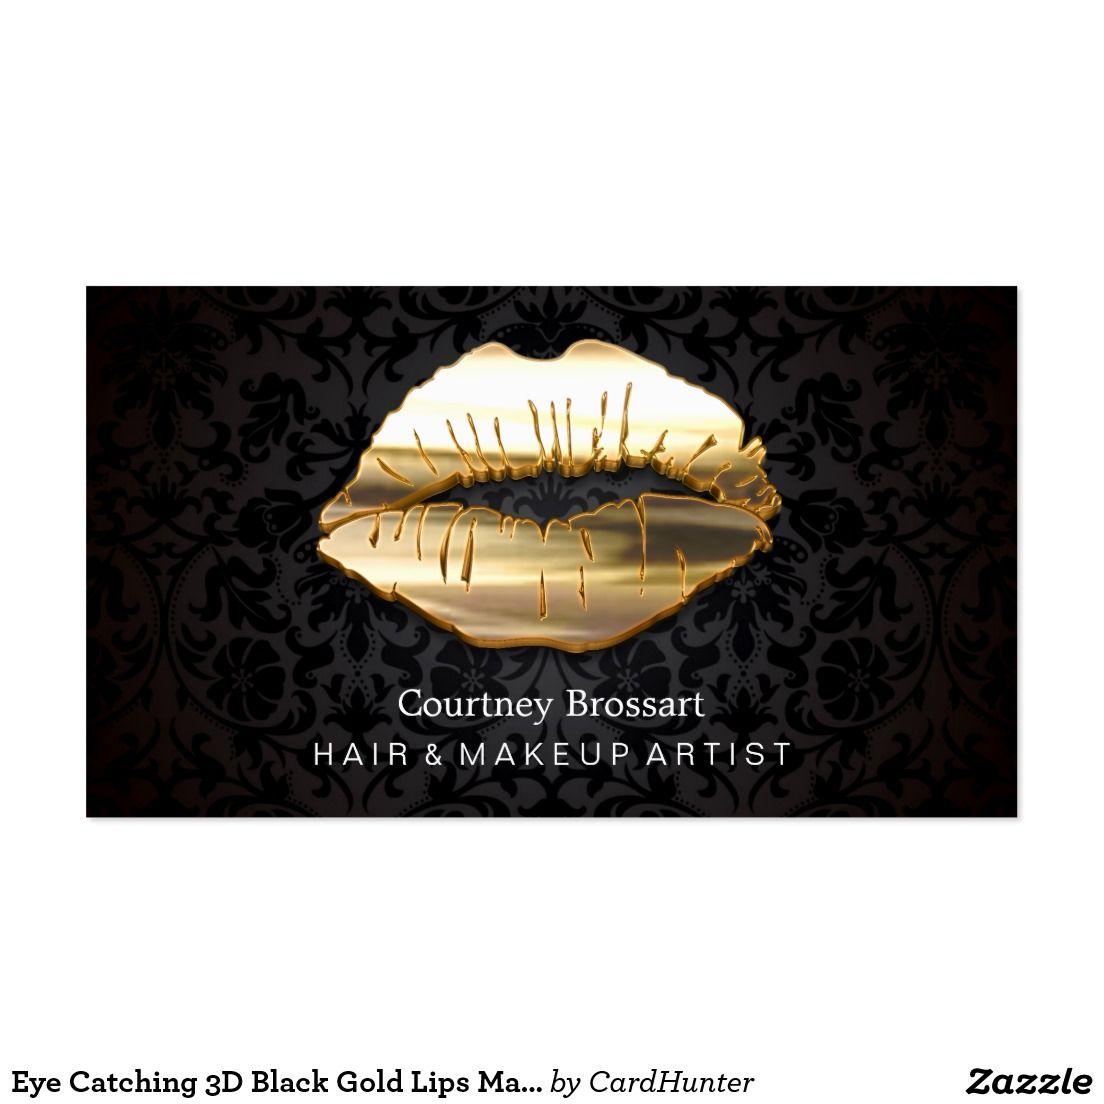 Eye Catching 3D Black Gold Lips Makeup Artist Business Card | nails ...